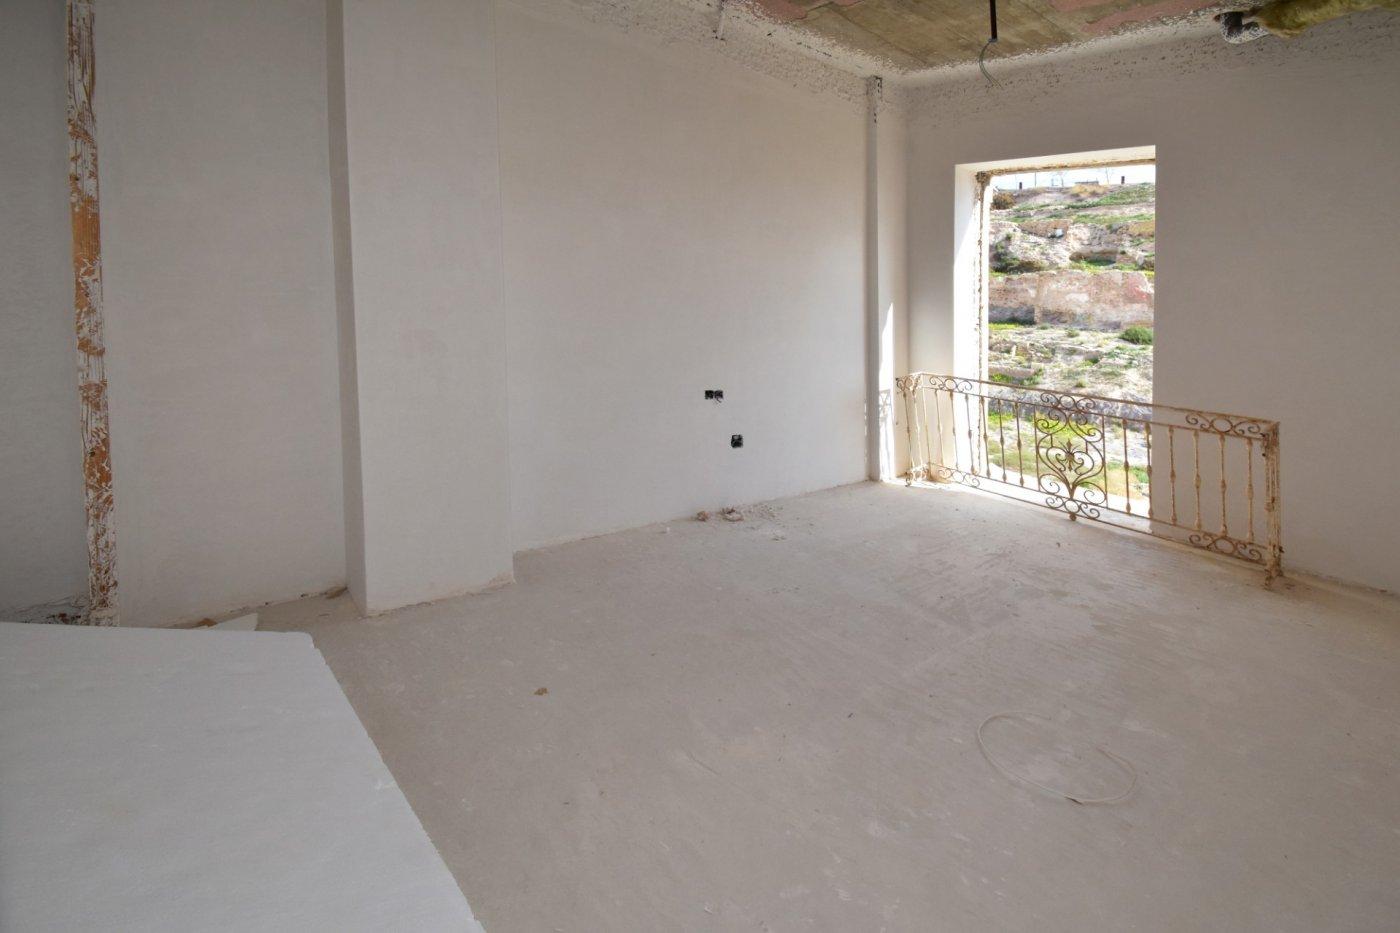 Piso obra nueva en venta en Cartagena, Casco Antiguo